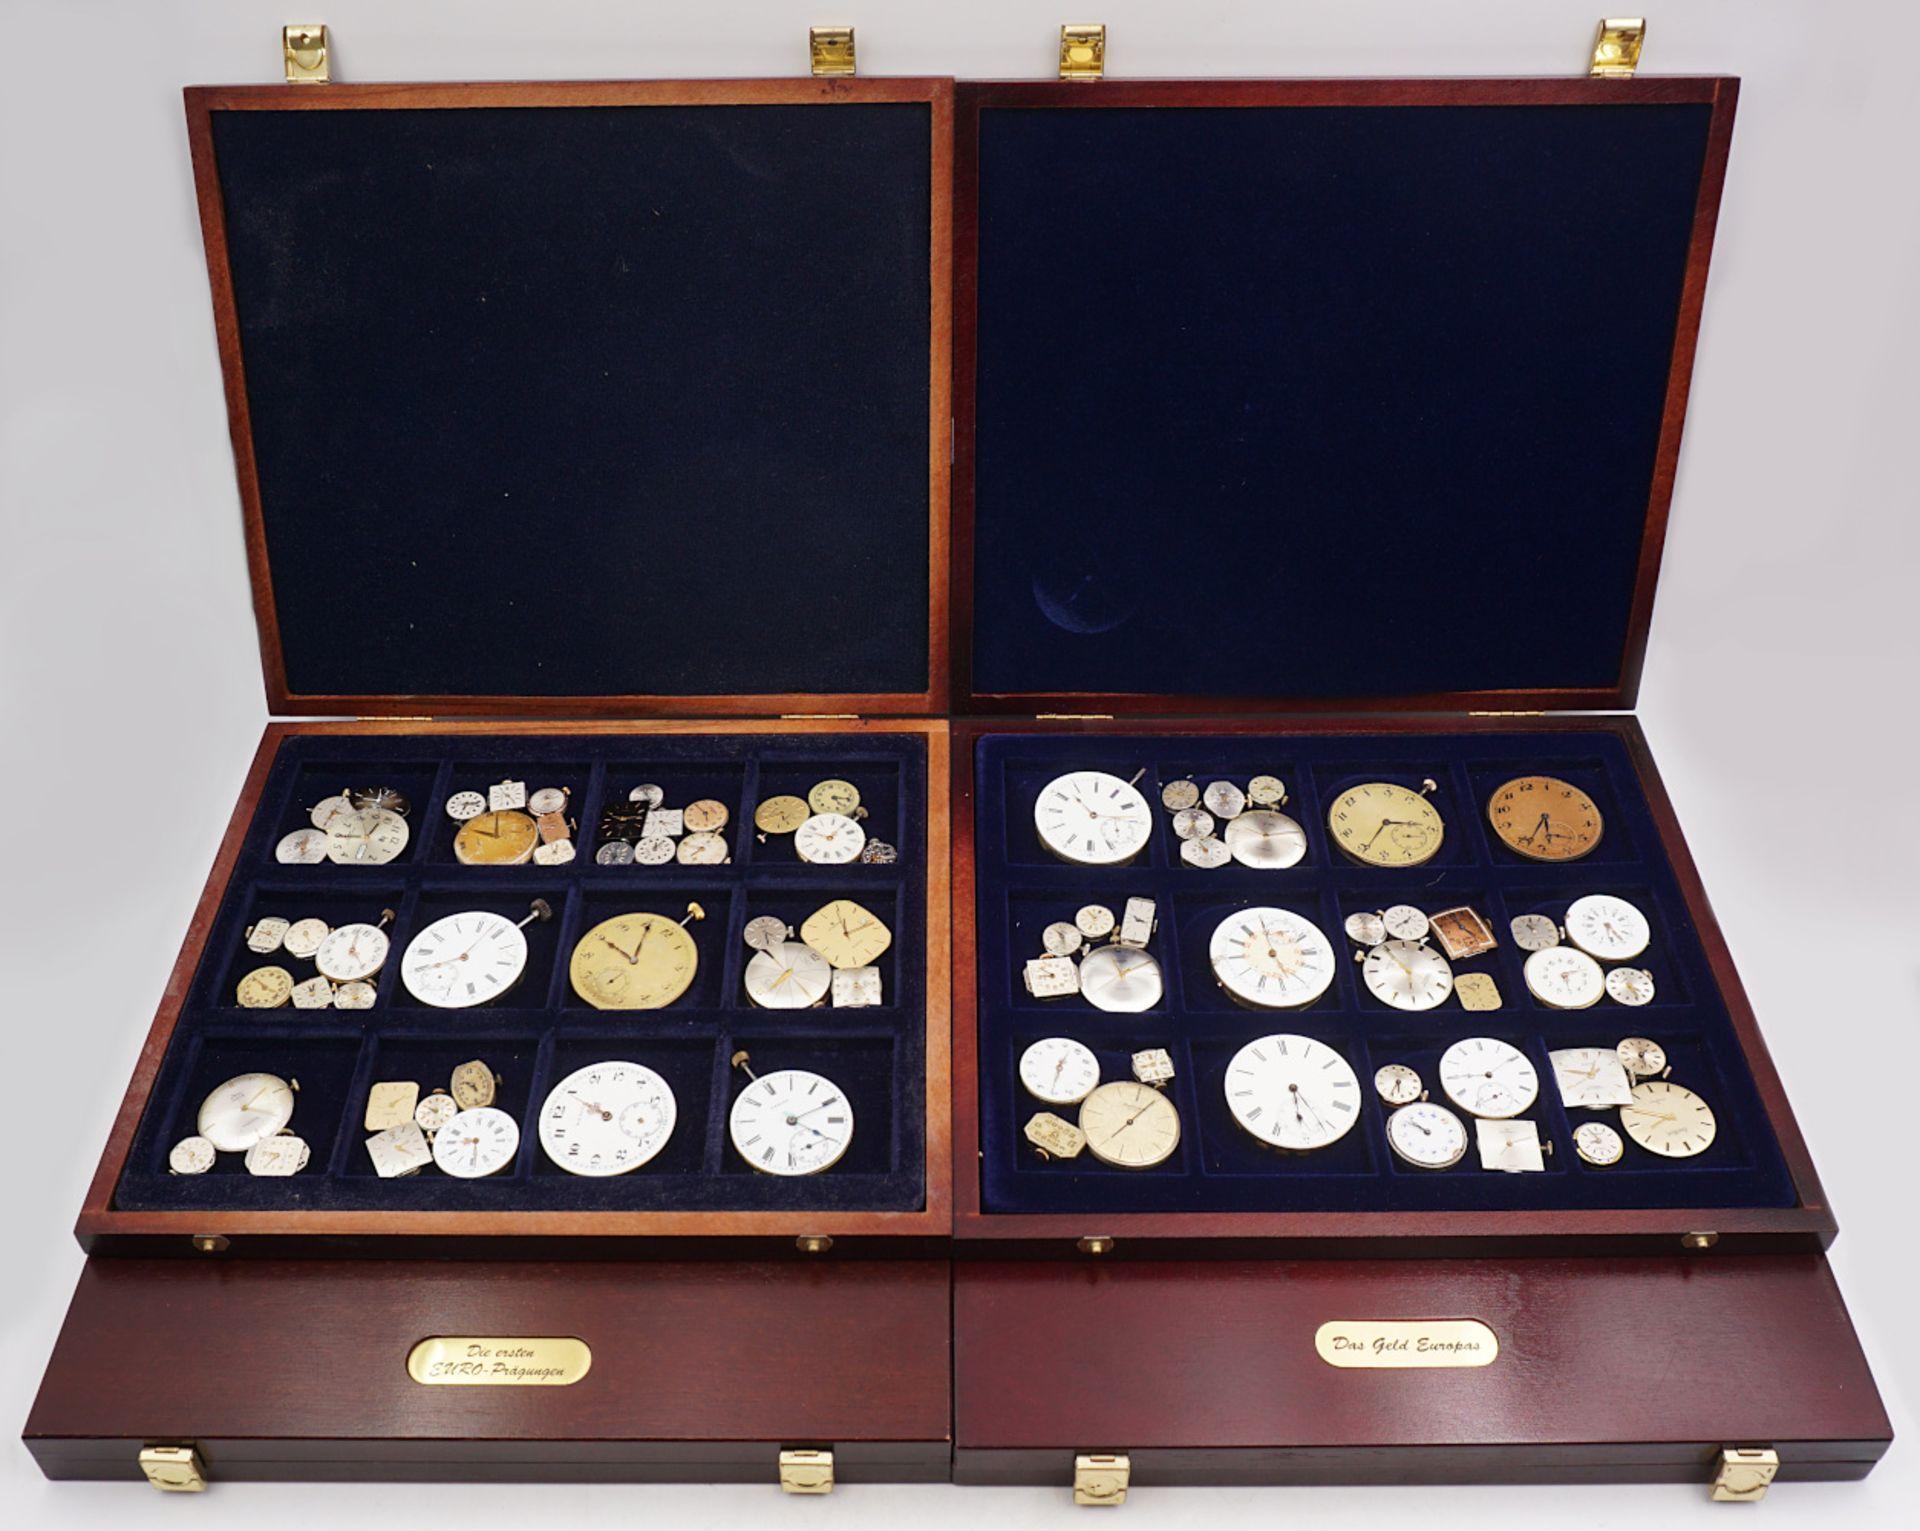 1 Konv. Uhrwerke für Taschen-/ Armbanduhren z.T. um 1900/ 20. Jh. in 4 Schatullen